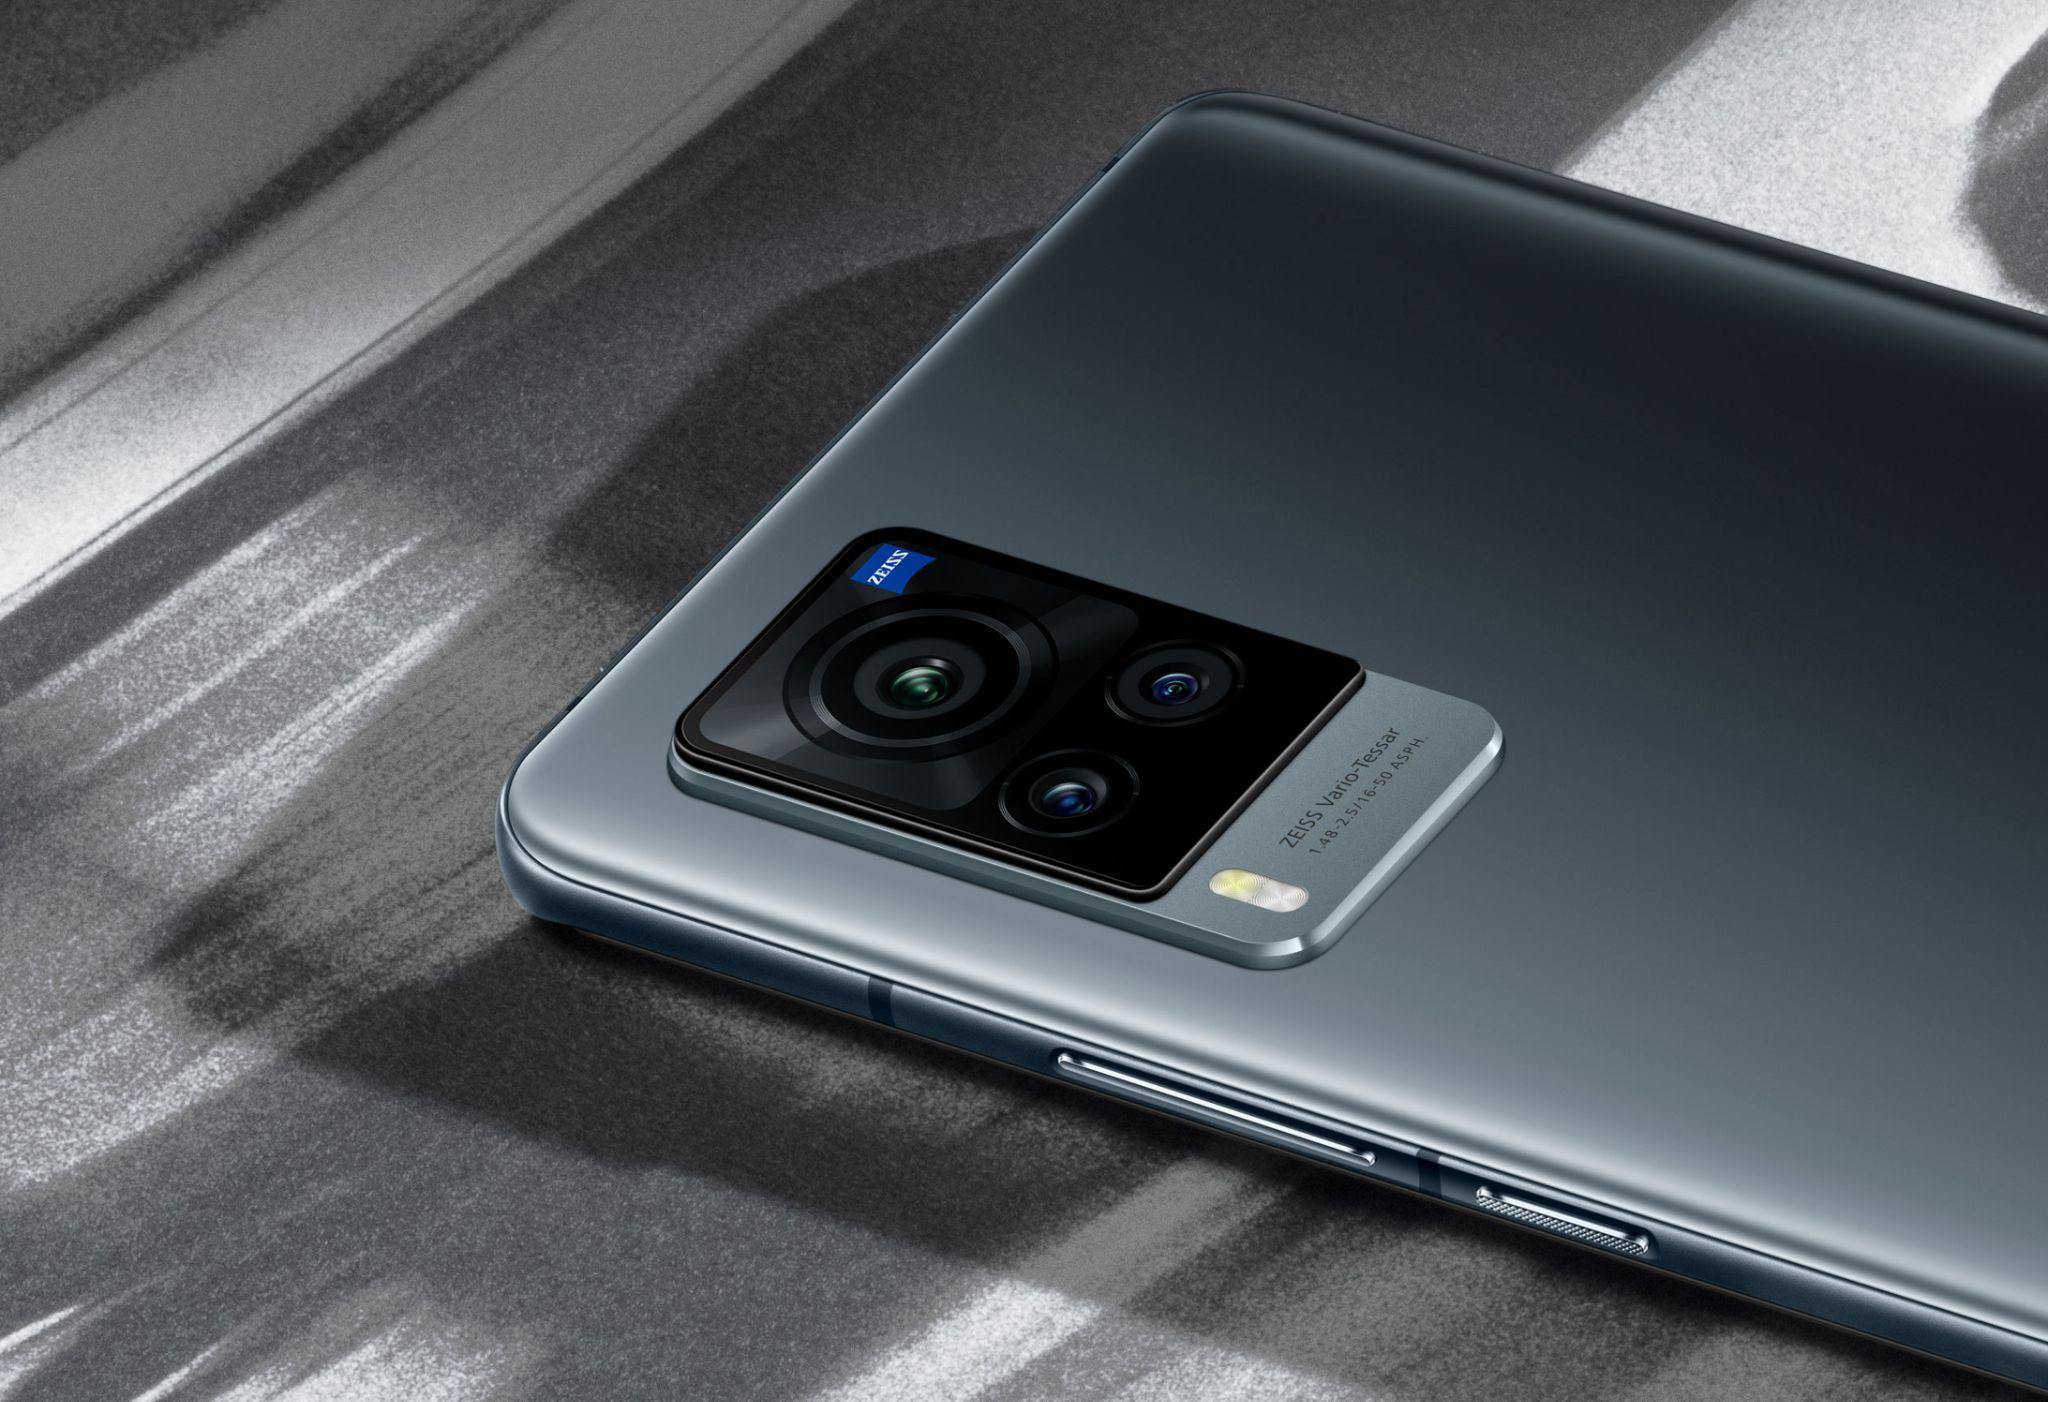 Cụm 3 camera sau với logo ZEISS ở phía trên góc phải của vivo X60 Pro.